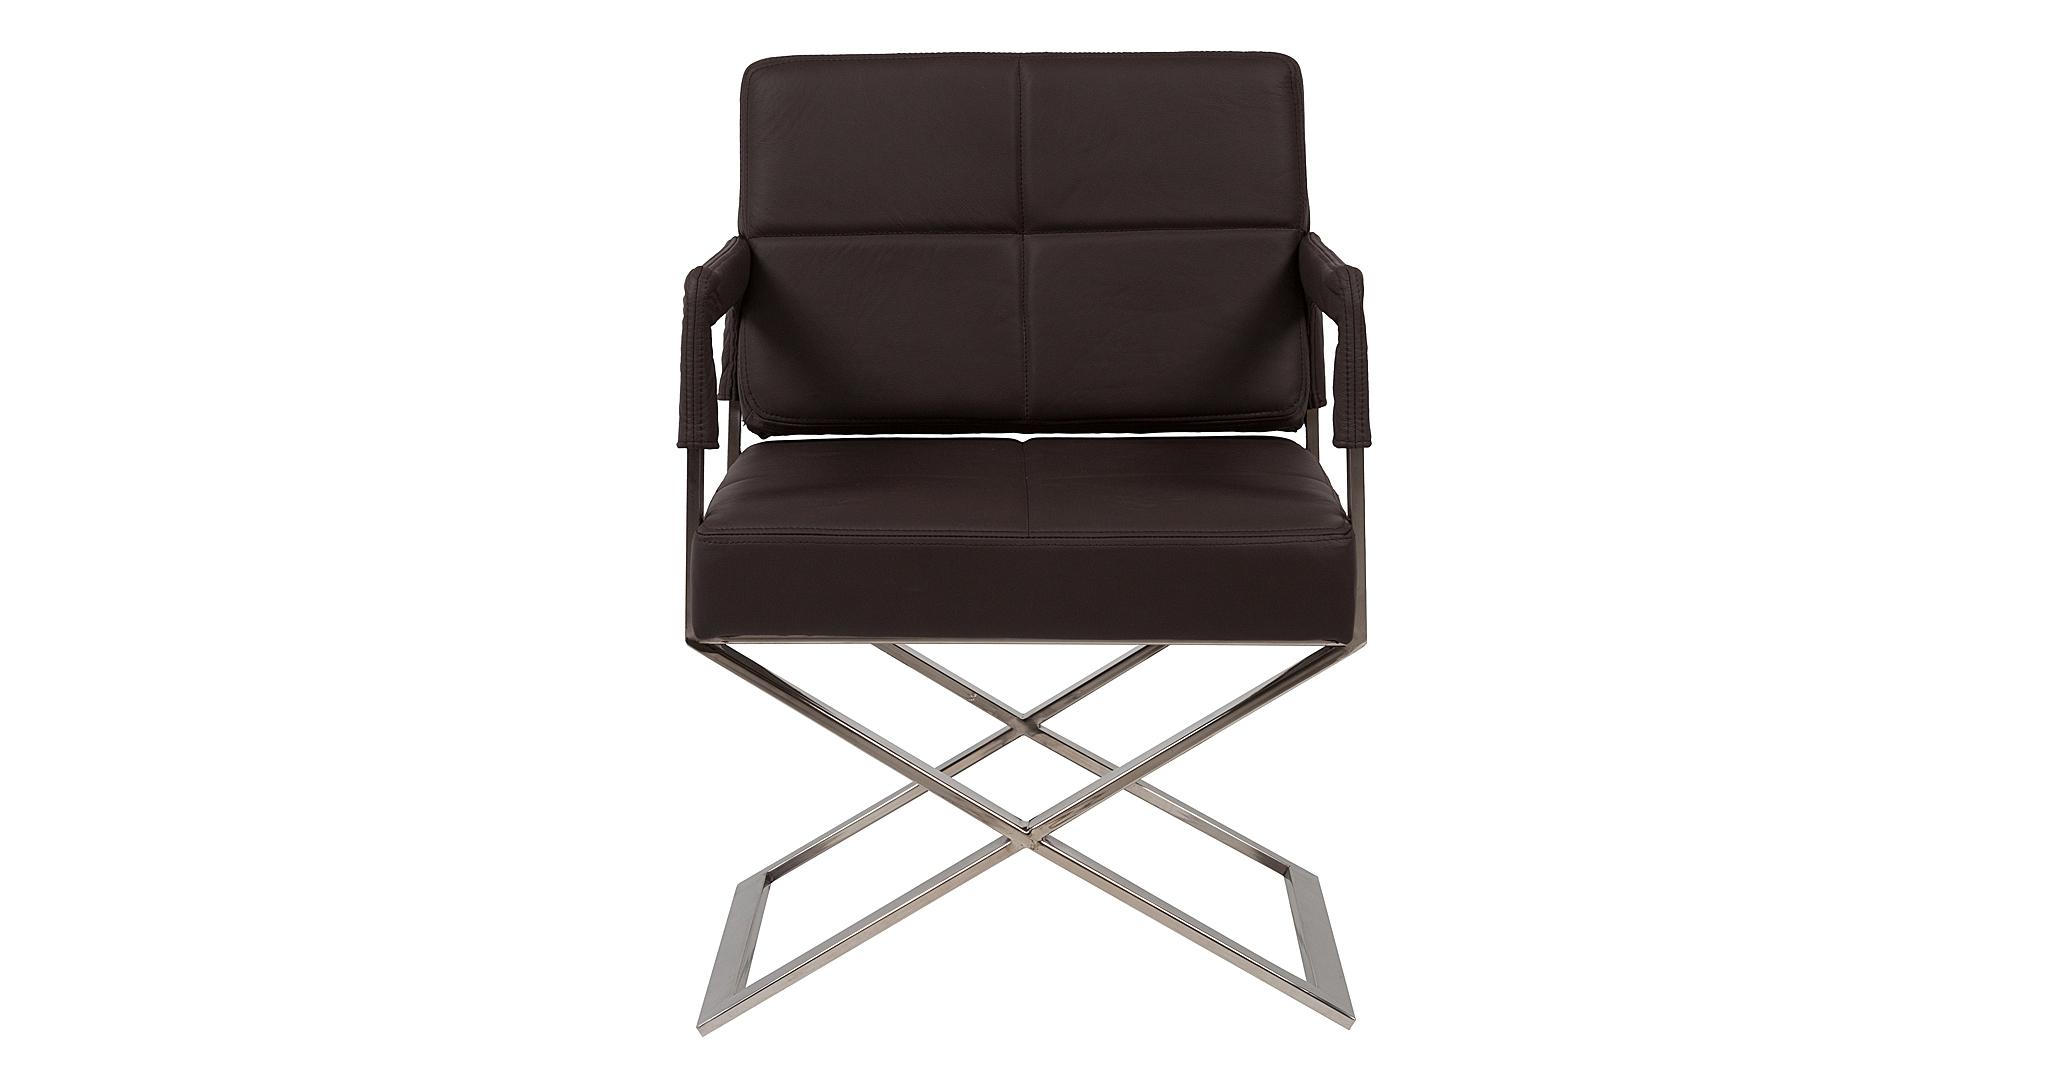 Кресло Aster X ChairИнтерьерные кресла<br>&amp;lt;div&amp;gt;Массивное сиденье, обтянутое коричневой экокожей и украшенное геометричной отстрочкой, и тонкие, невесомые ножки создают ощущение, что кресло парит в воздухе. При этом конструкция твердо стоит на земле: специальный сплав, из которого изготовлены детали каркаса, очень прочен и выдерживает большую нагрузку. Автор этого кресла – именитый французский дизайнер Жан-Мари Массо (Jean-Mari Massaud), прославившийся серией мягкой мебели Airberg и коллекцией для шведского бюро Offekt.&amp;lt;/div&amp;gt;<br><br>Material: Кожа<br>Width см: 60<br>Depth см: 66<br>Height см: 89